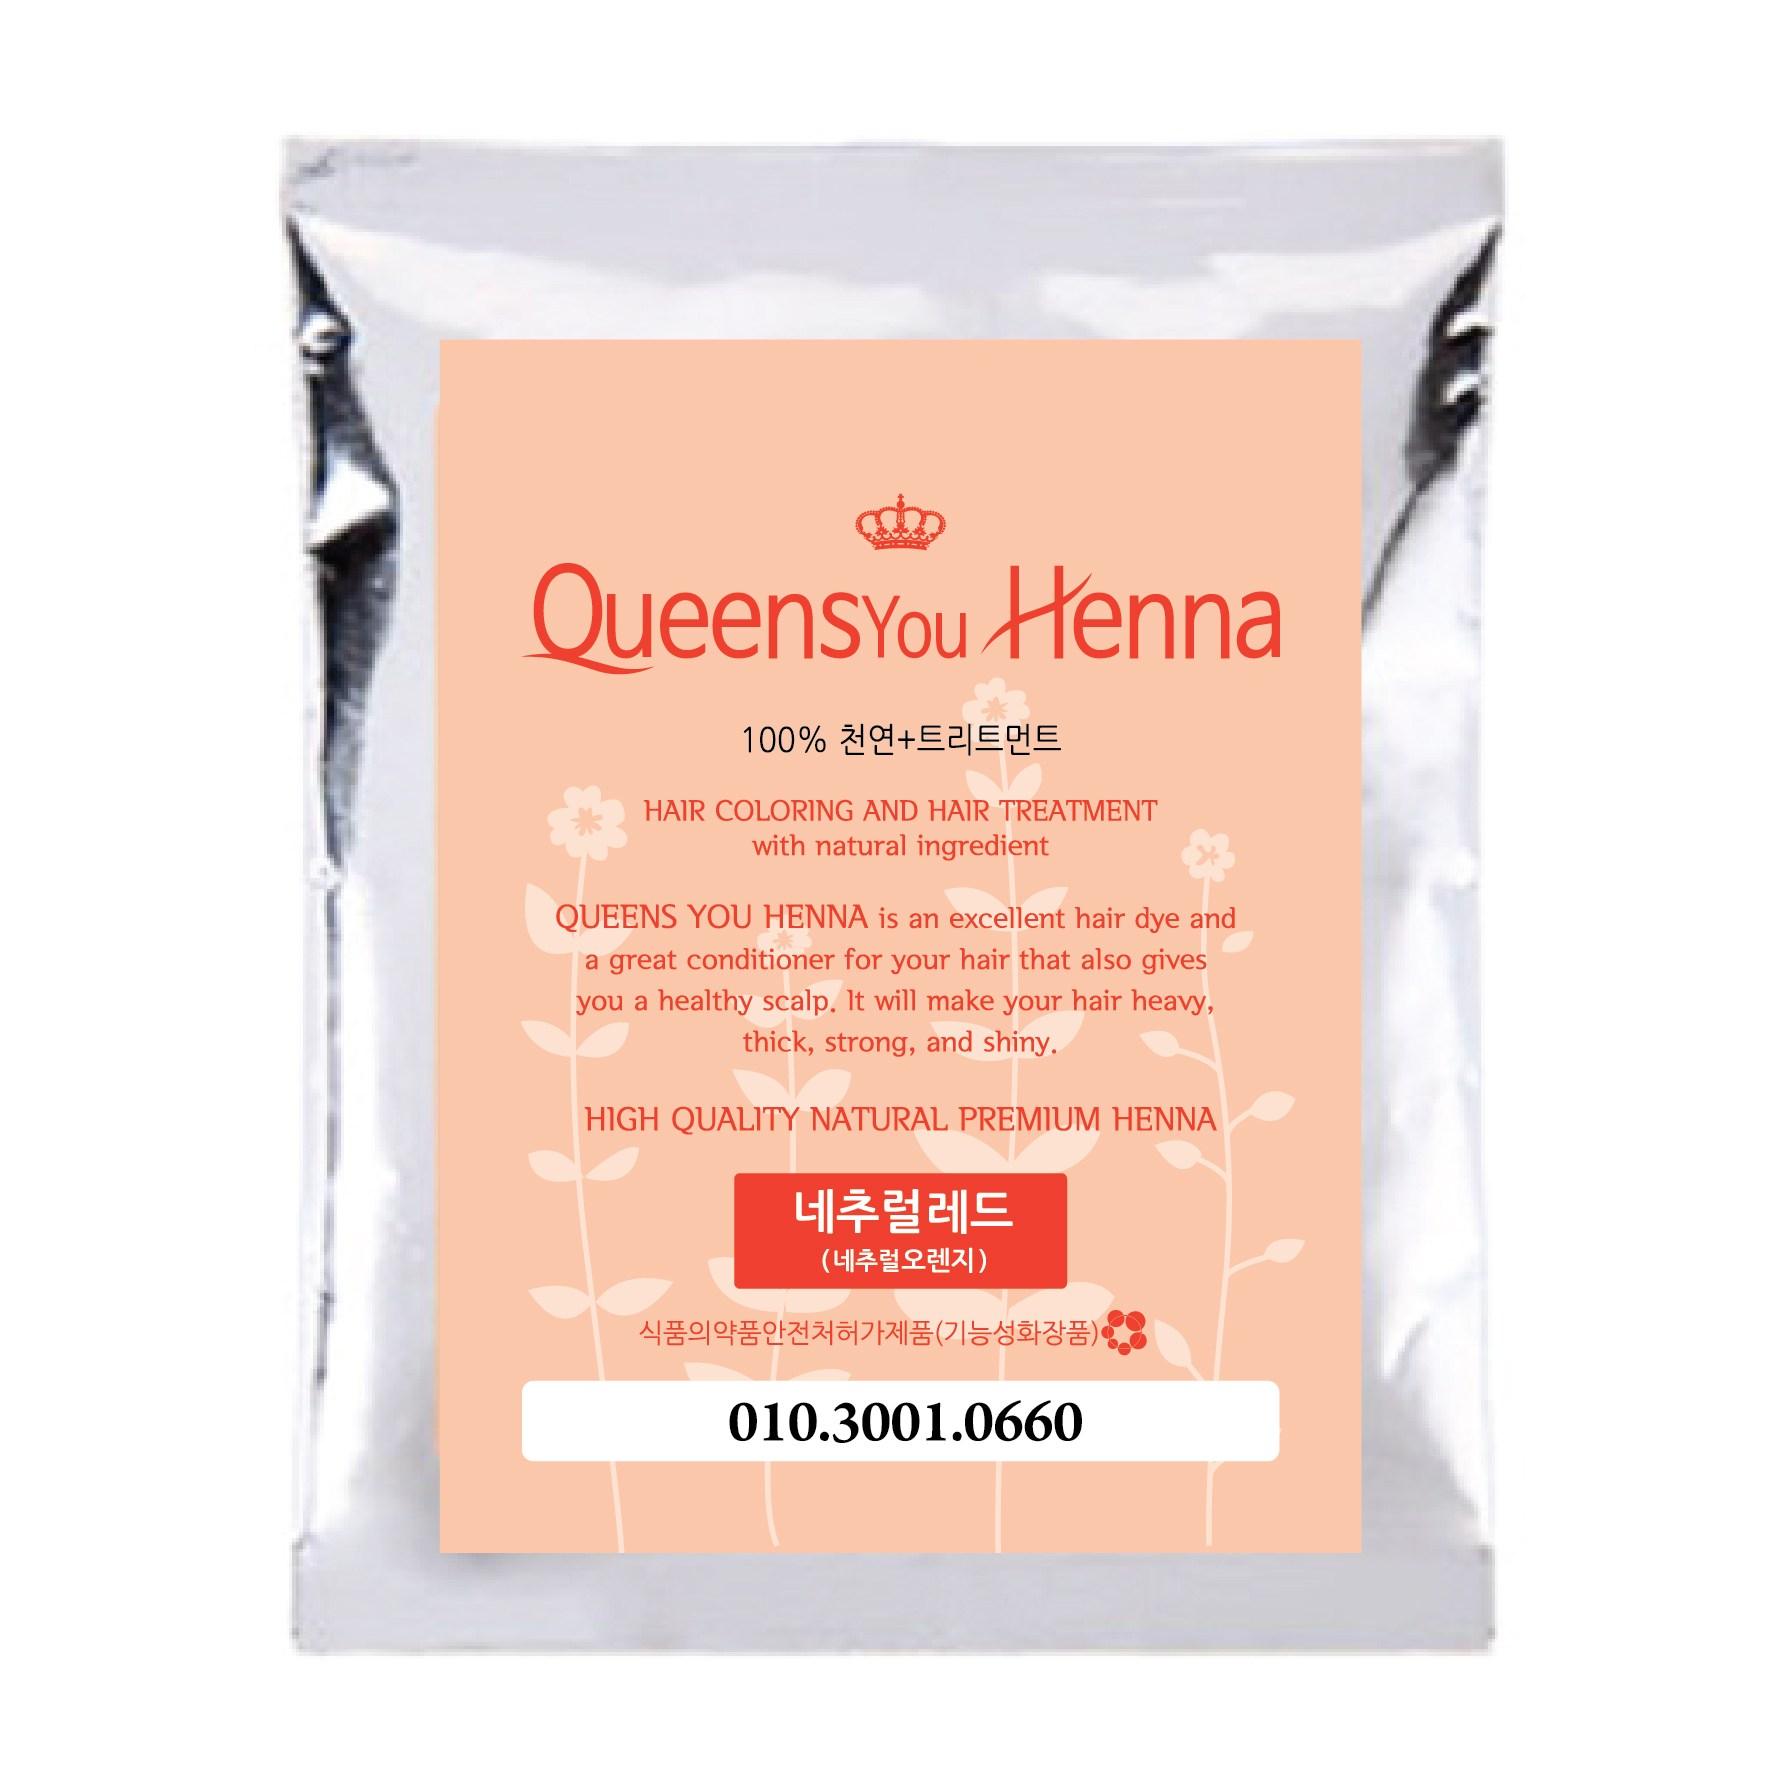 퀸즈유헤나 퀸즈you헤나 2개구매시 1개 더 증정 (정품) 퀸즈헤나 퀸즈헤나염색약, 레드, 1개입